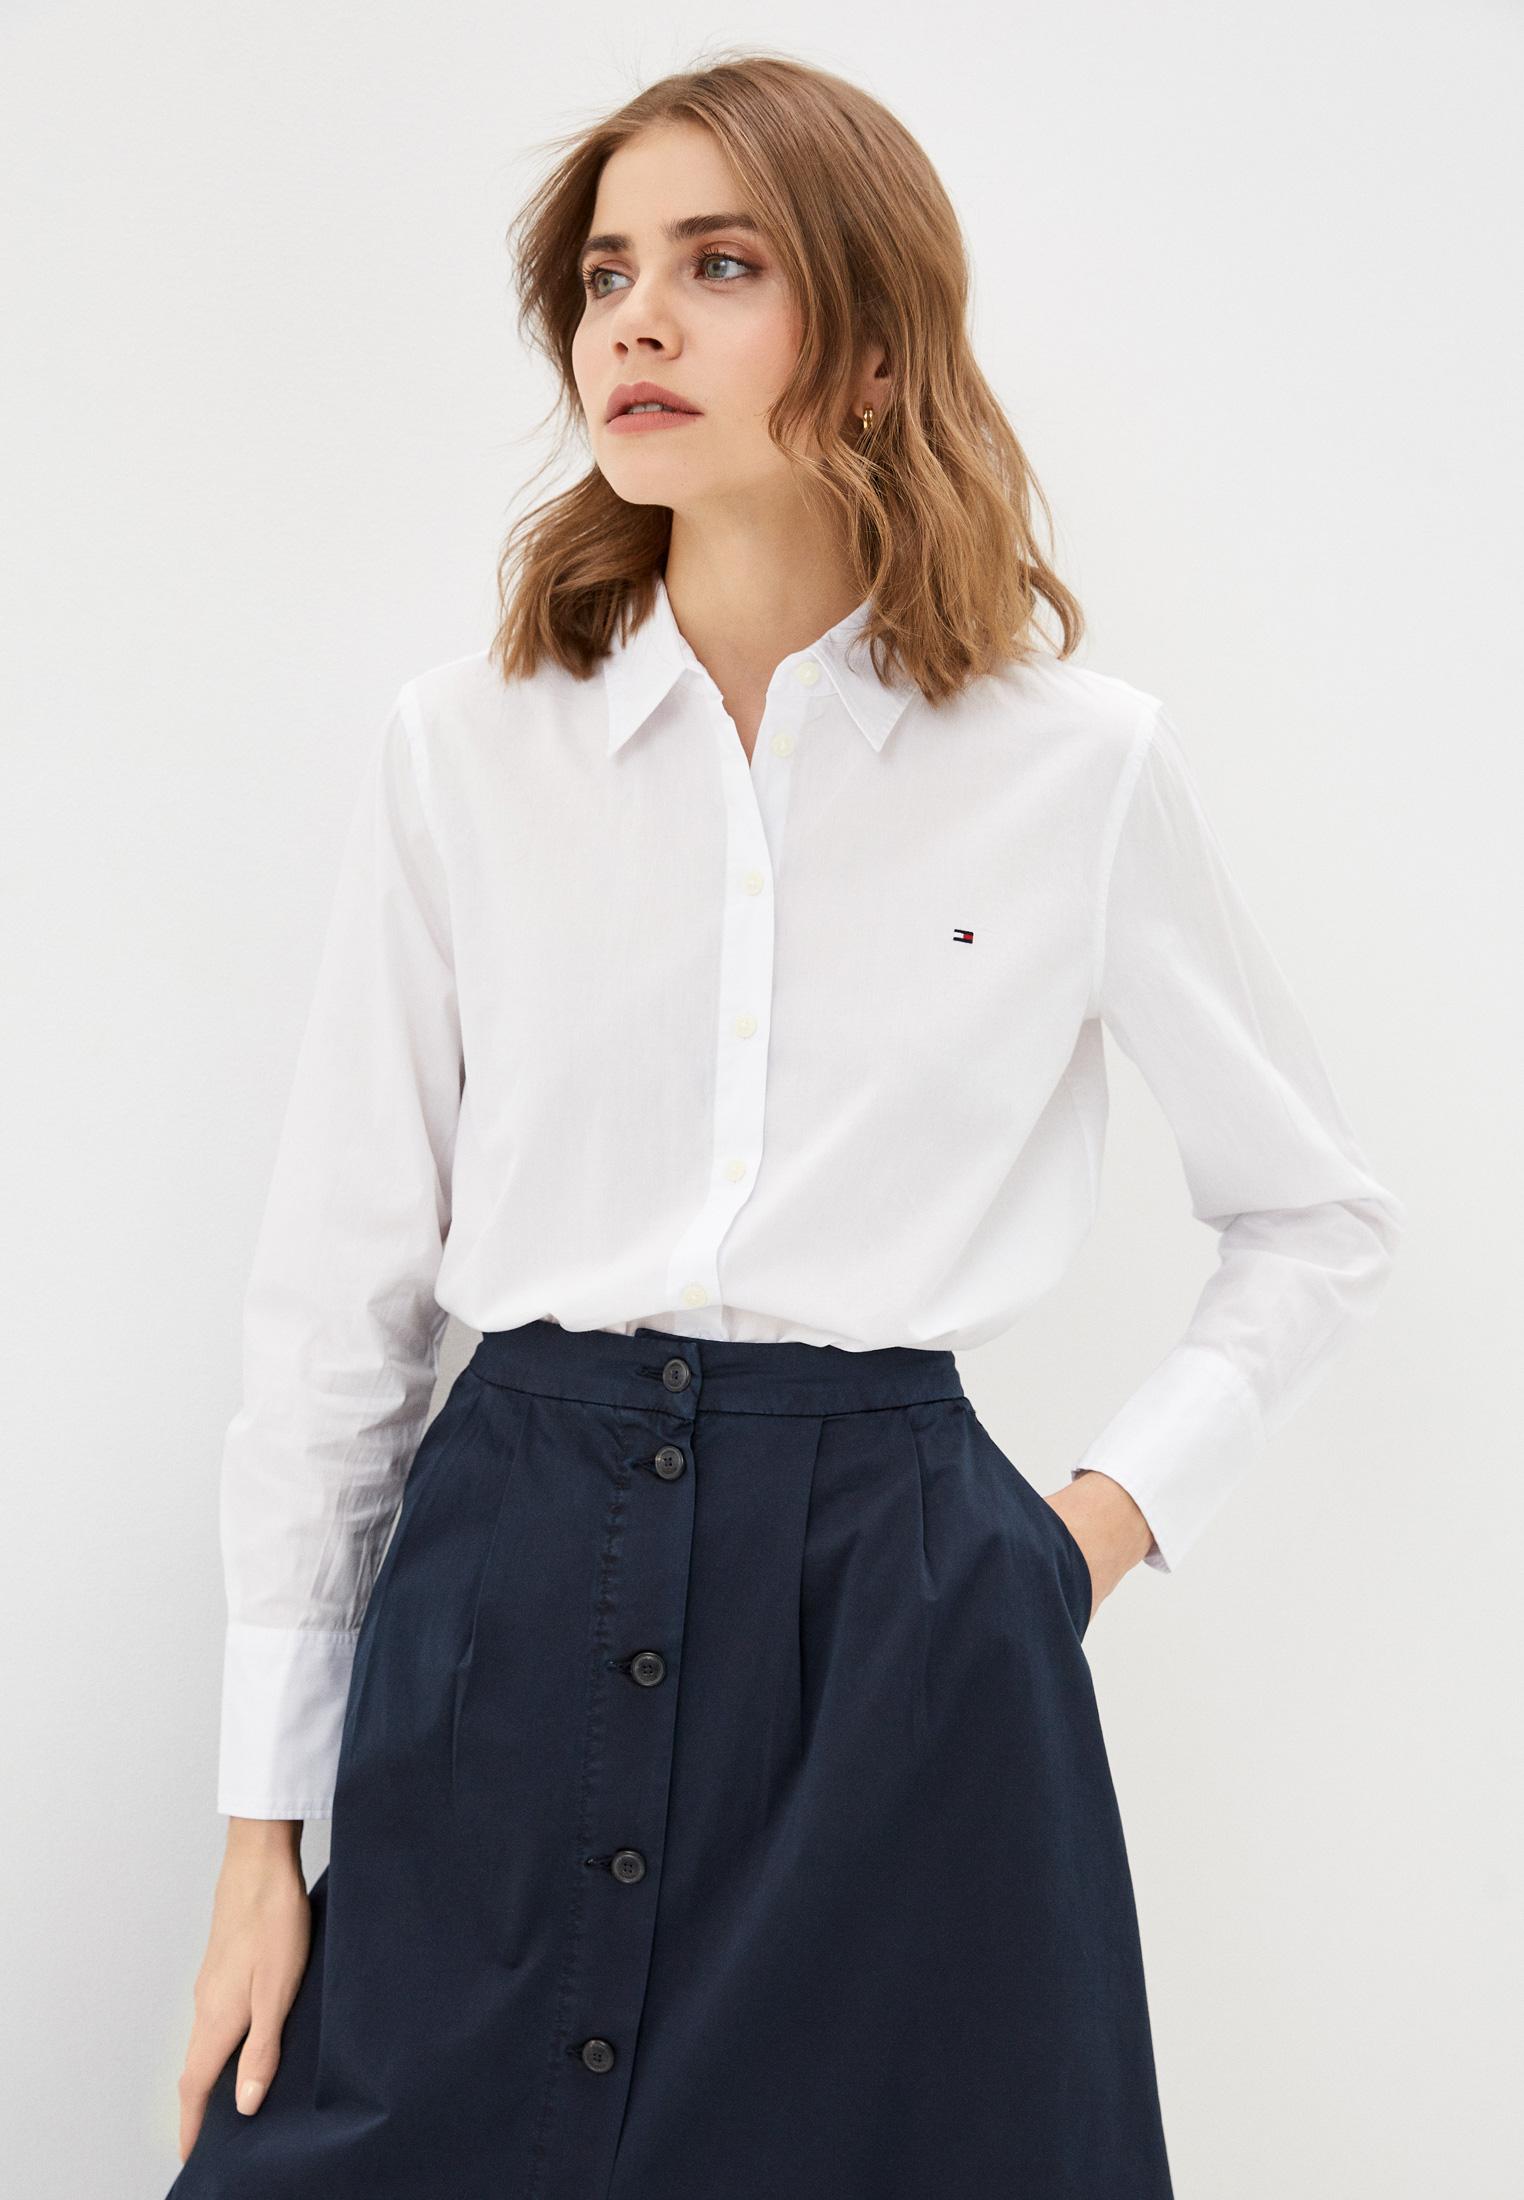 Женские рубашки с длинным рукавом Tommy Hilfiger (Томми Хилфигер) WW0WW30513